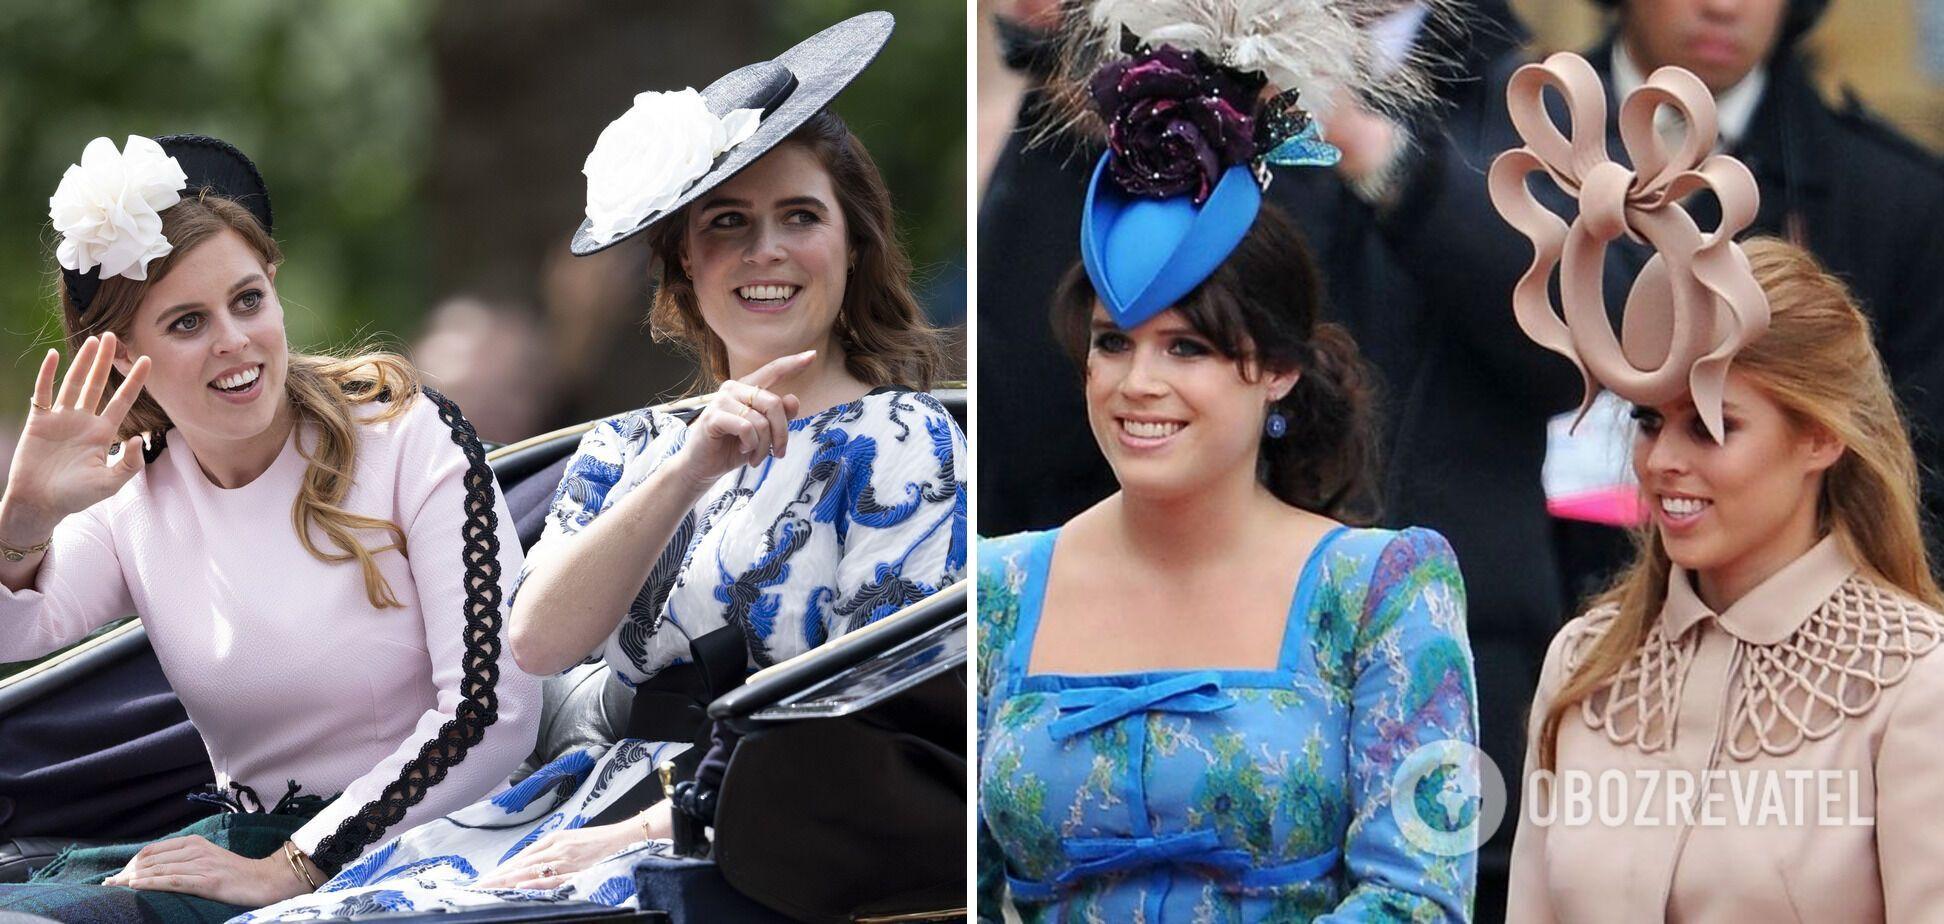 Прицеса Евгения часто появляется в экстравагантных шляпах.